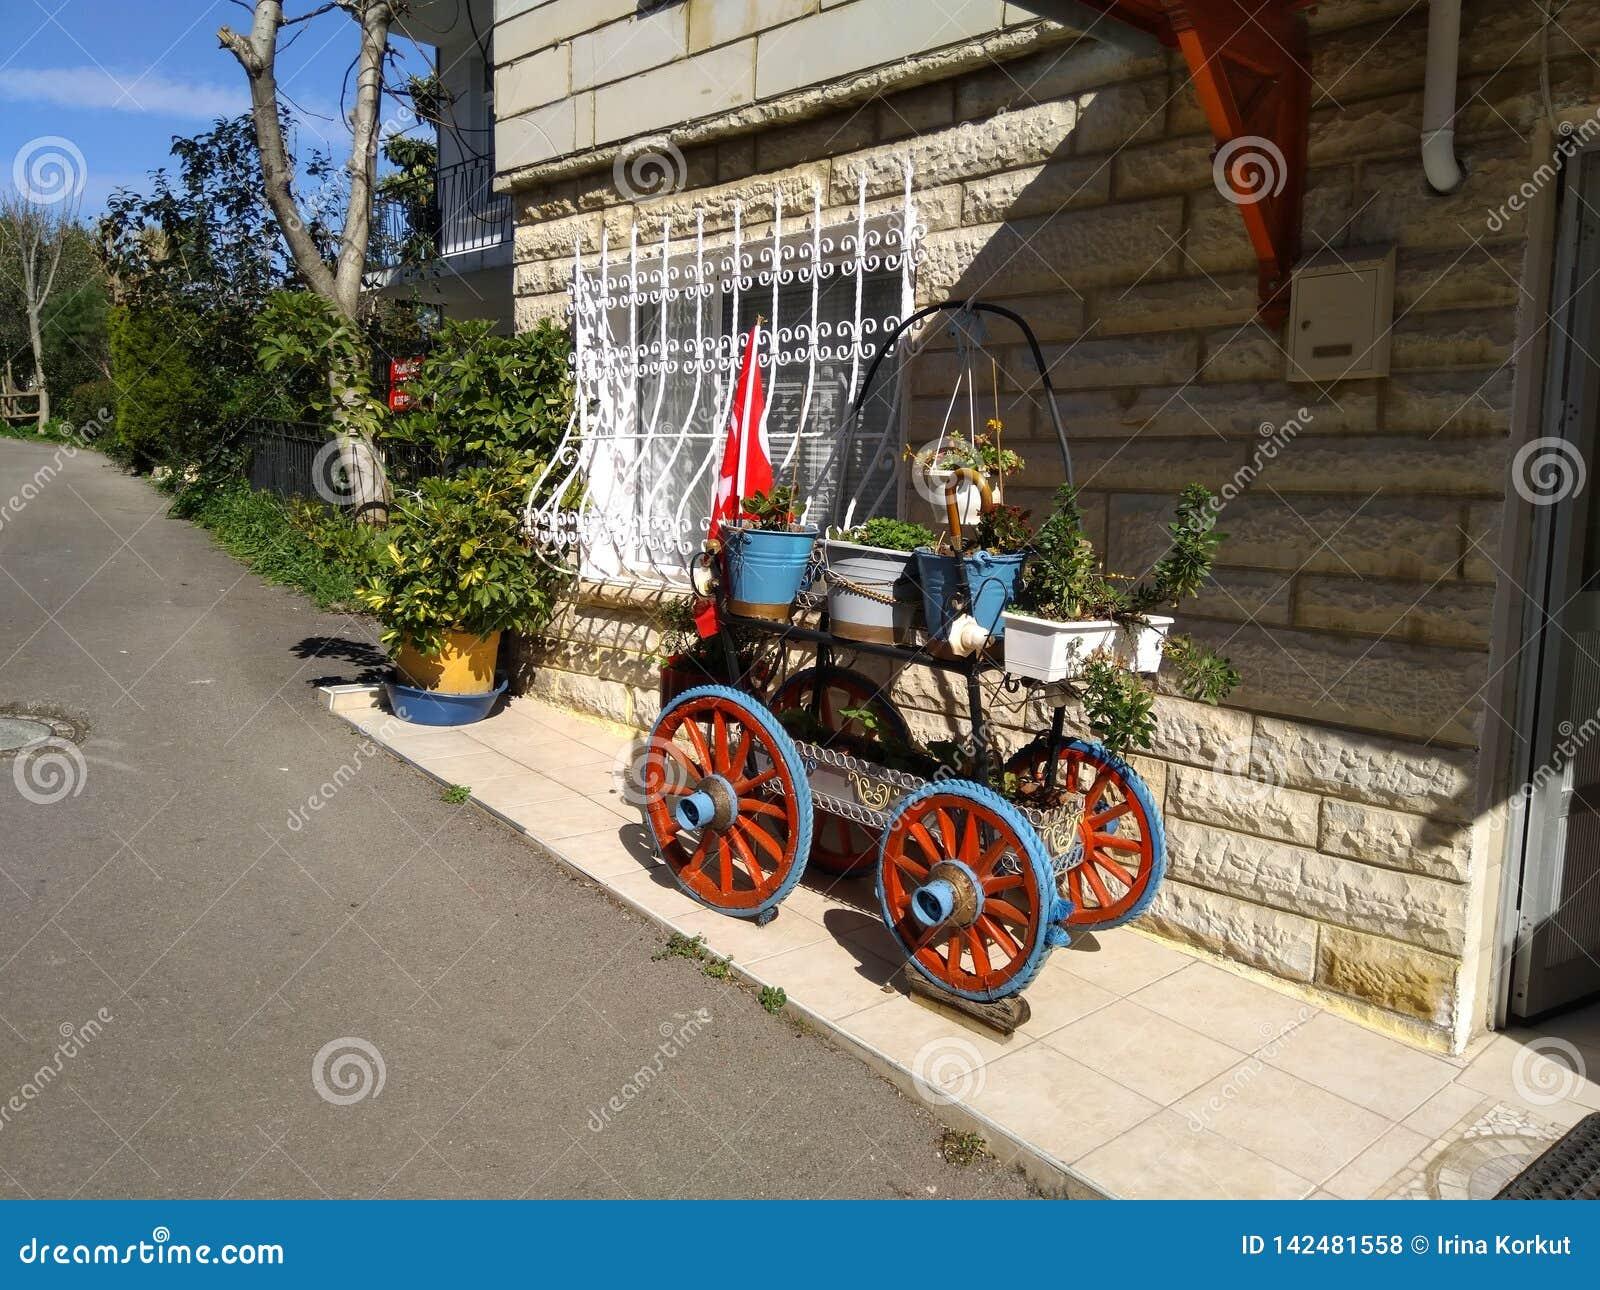 Πολύ χαριτωμένο διακοσμητικό βαγόνι εμπορευμάτων με τα λουλούδια σε το